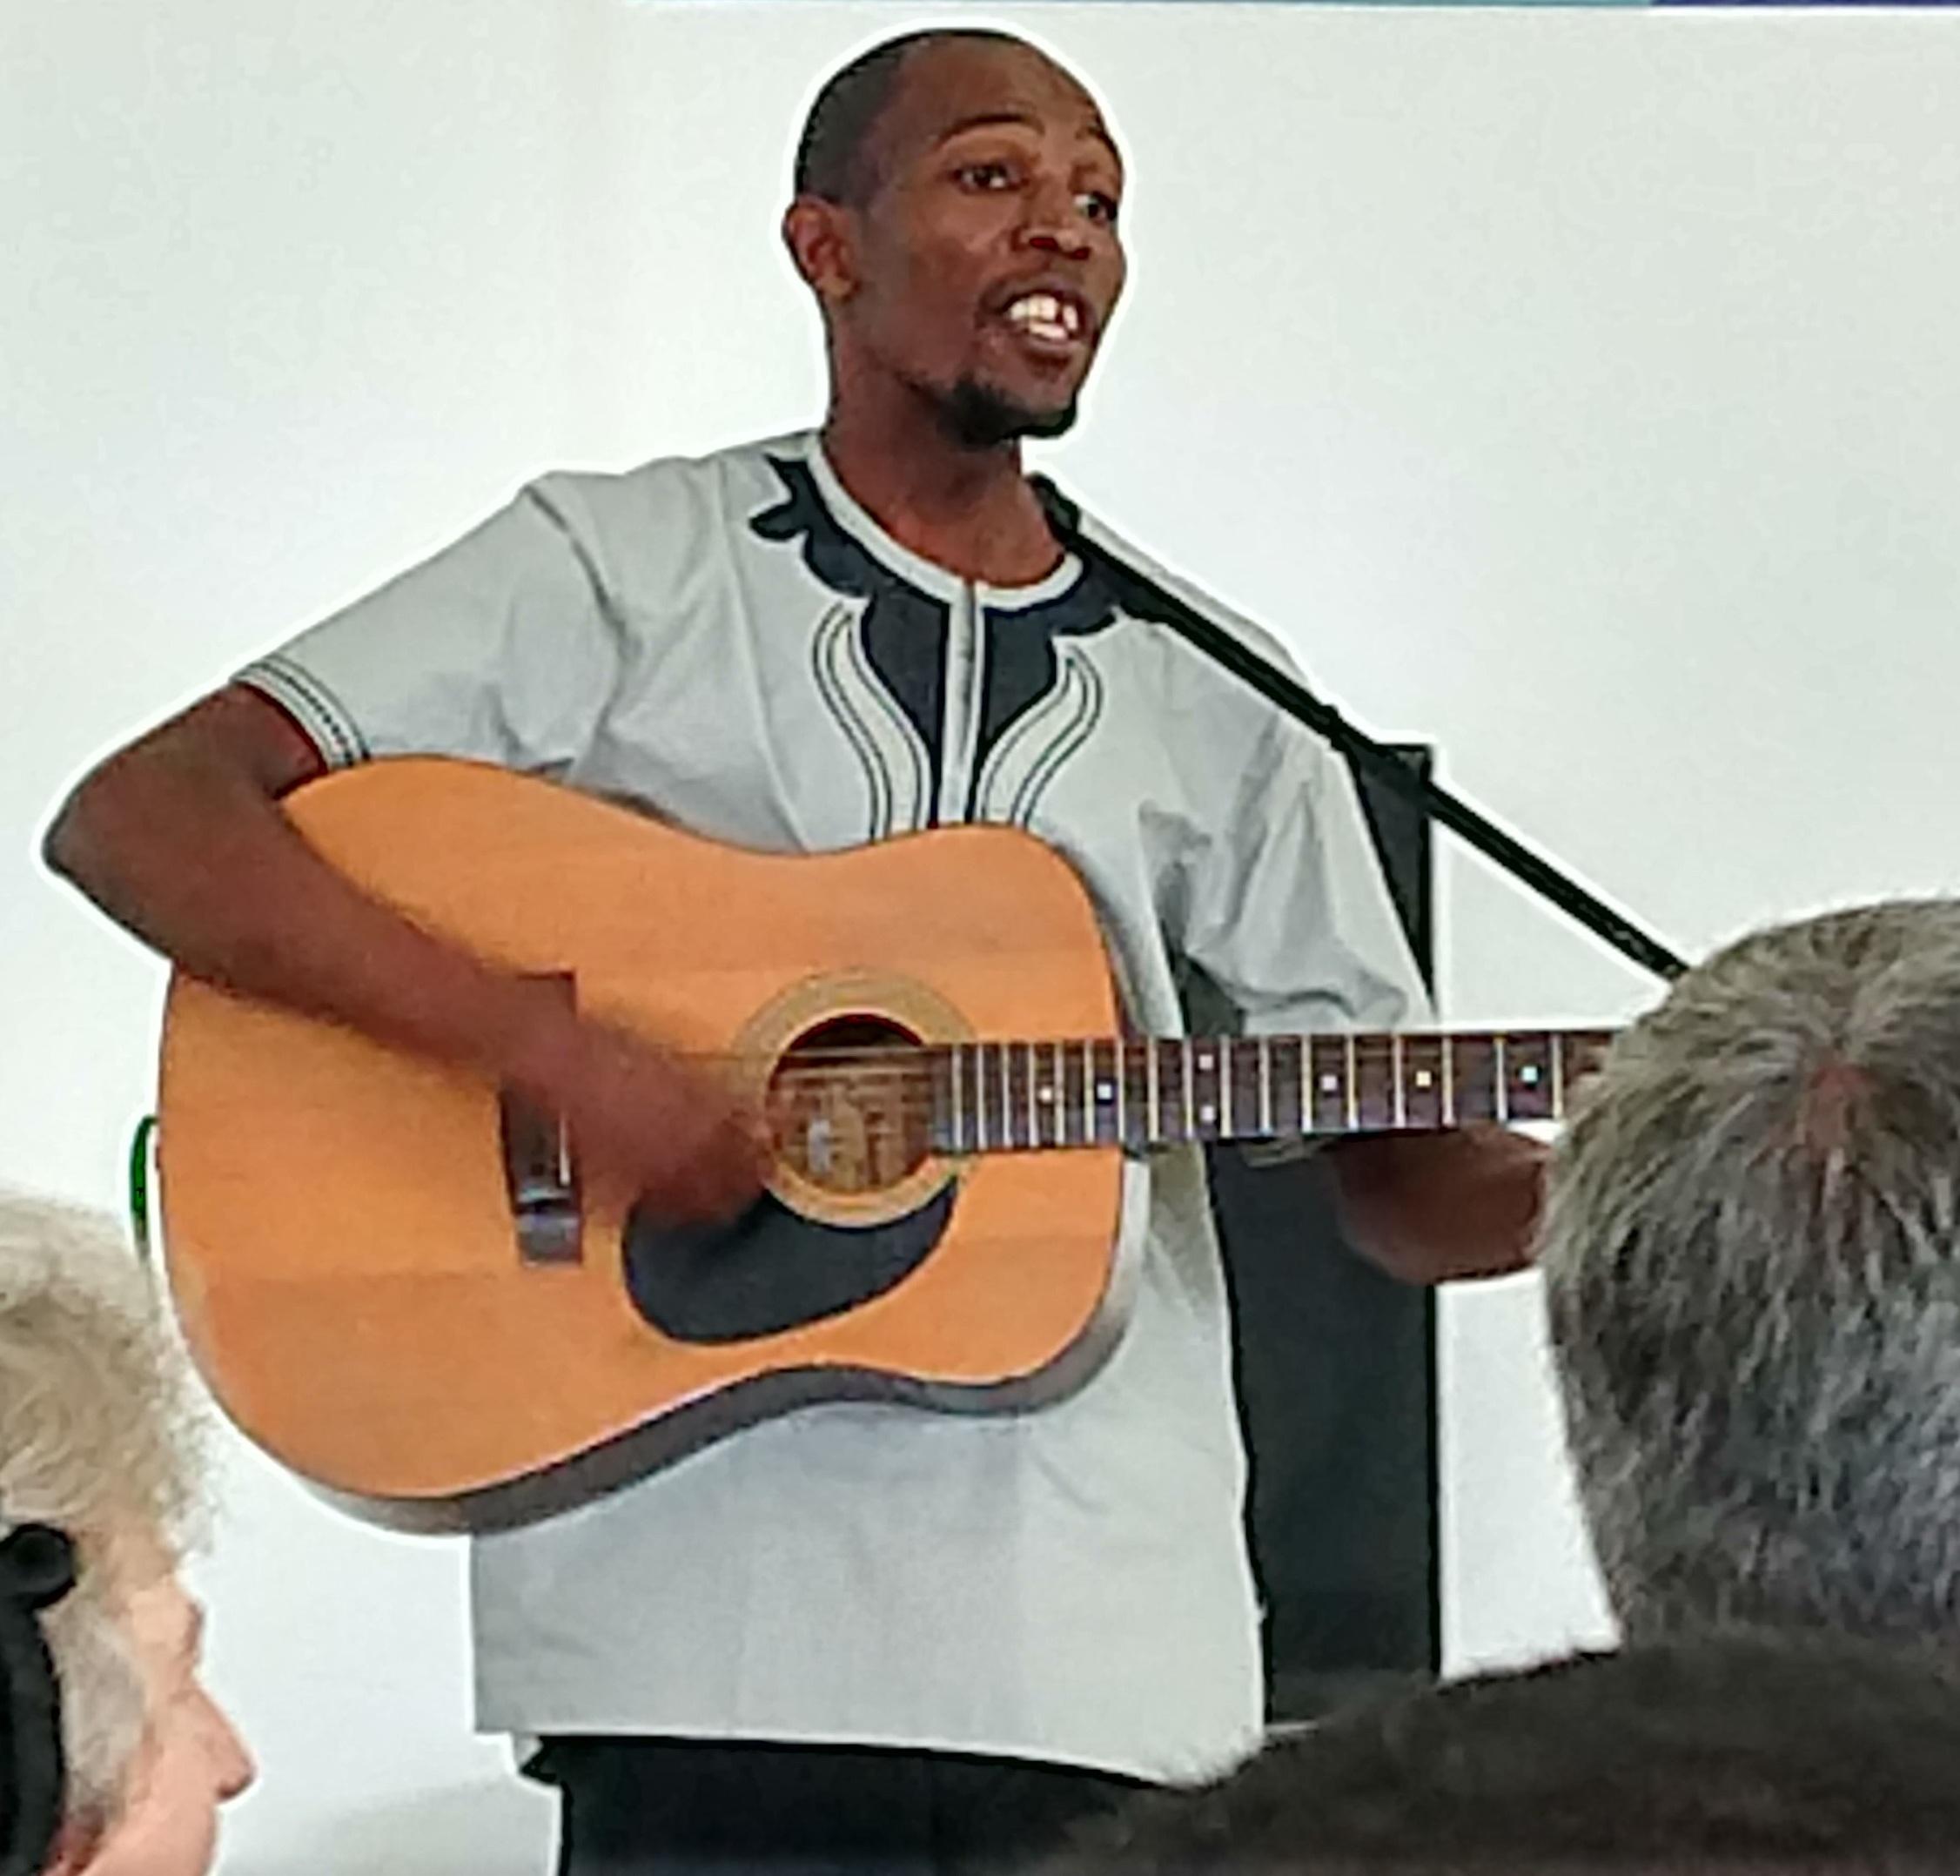 During Justo Mwale University chapel, José Bazima sings a worship song he has written.